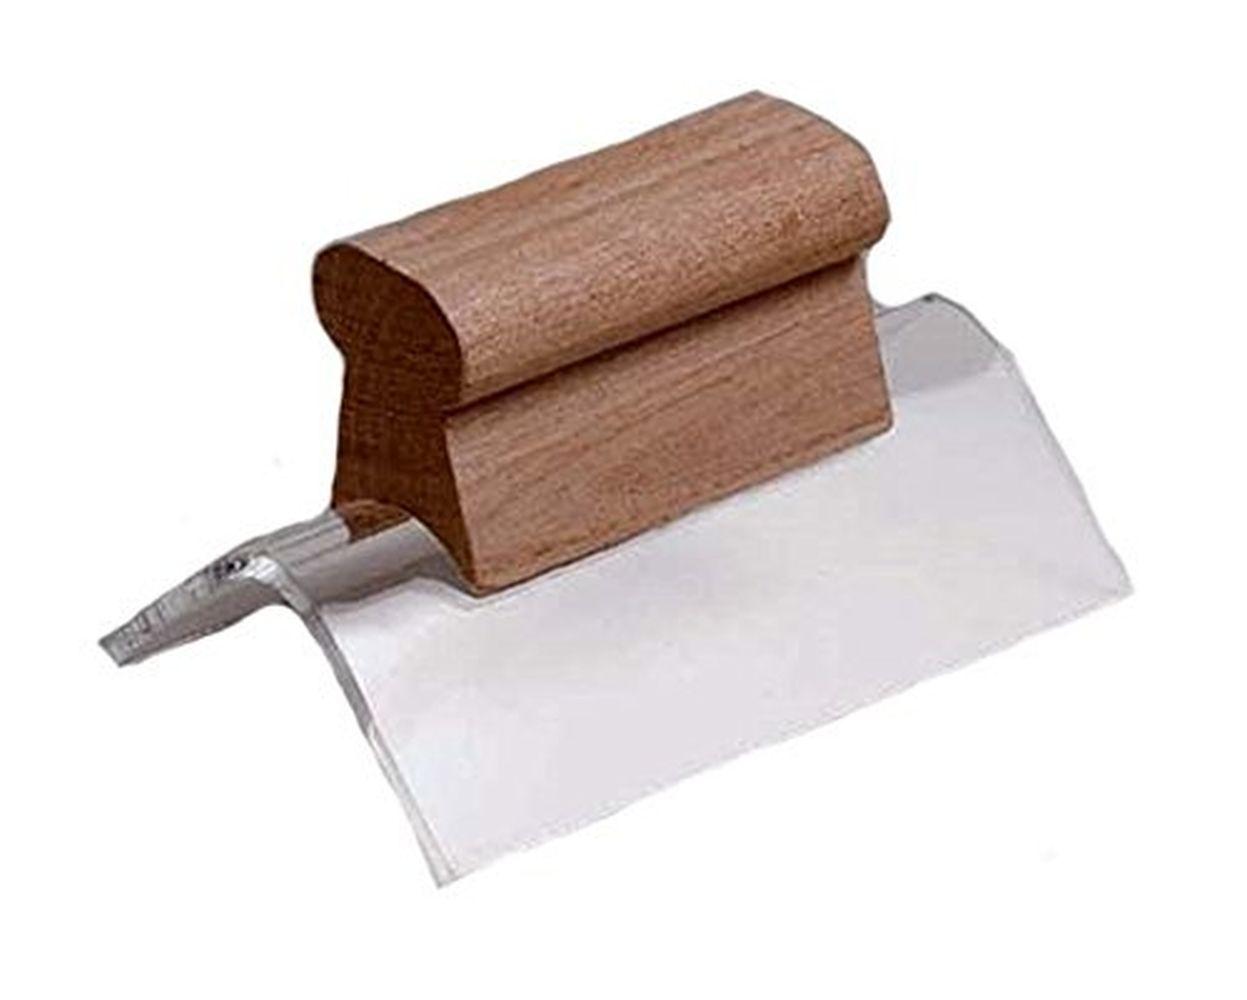 WIDIA Hanita 7N2202511RJ Vision Plus Micro 7N22 HP Hard Material End Mill 2-Flute TiAlN Straight Shank 2.5 mm Cutting Dia Carbide RH Cut